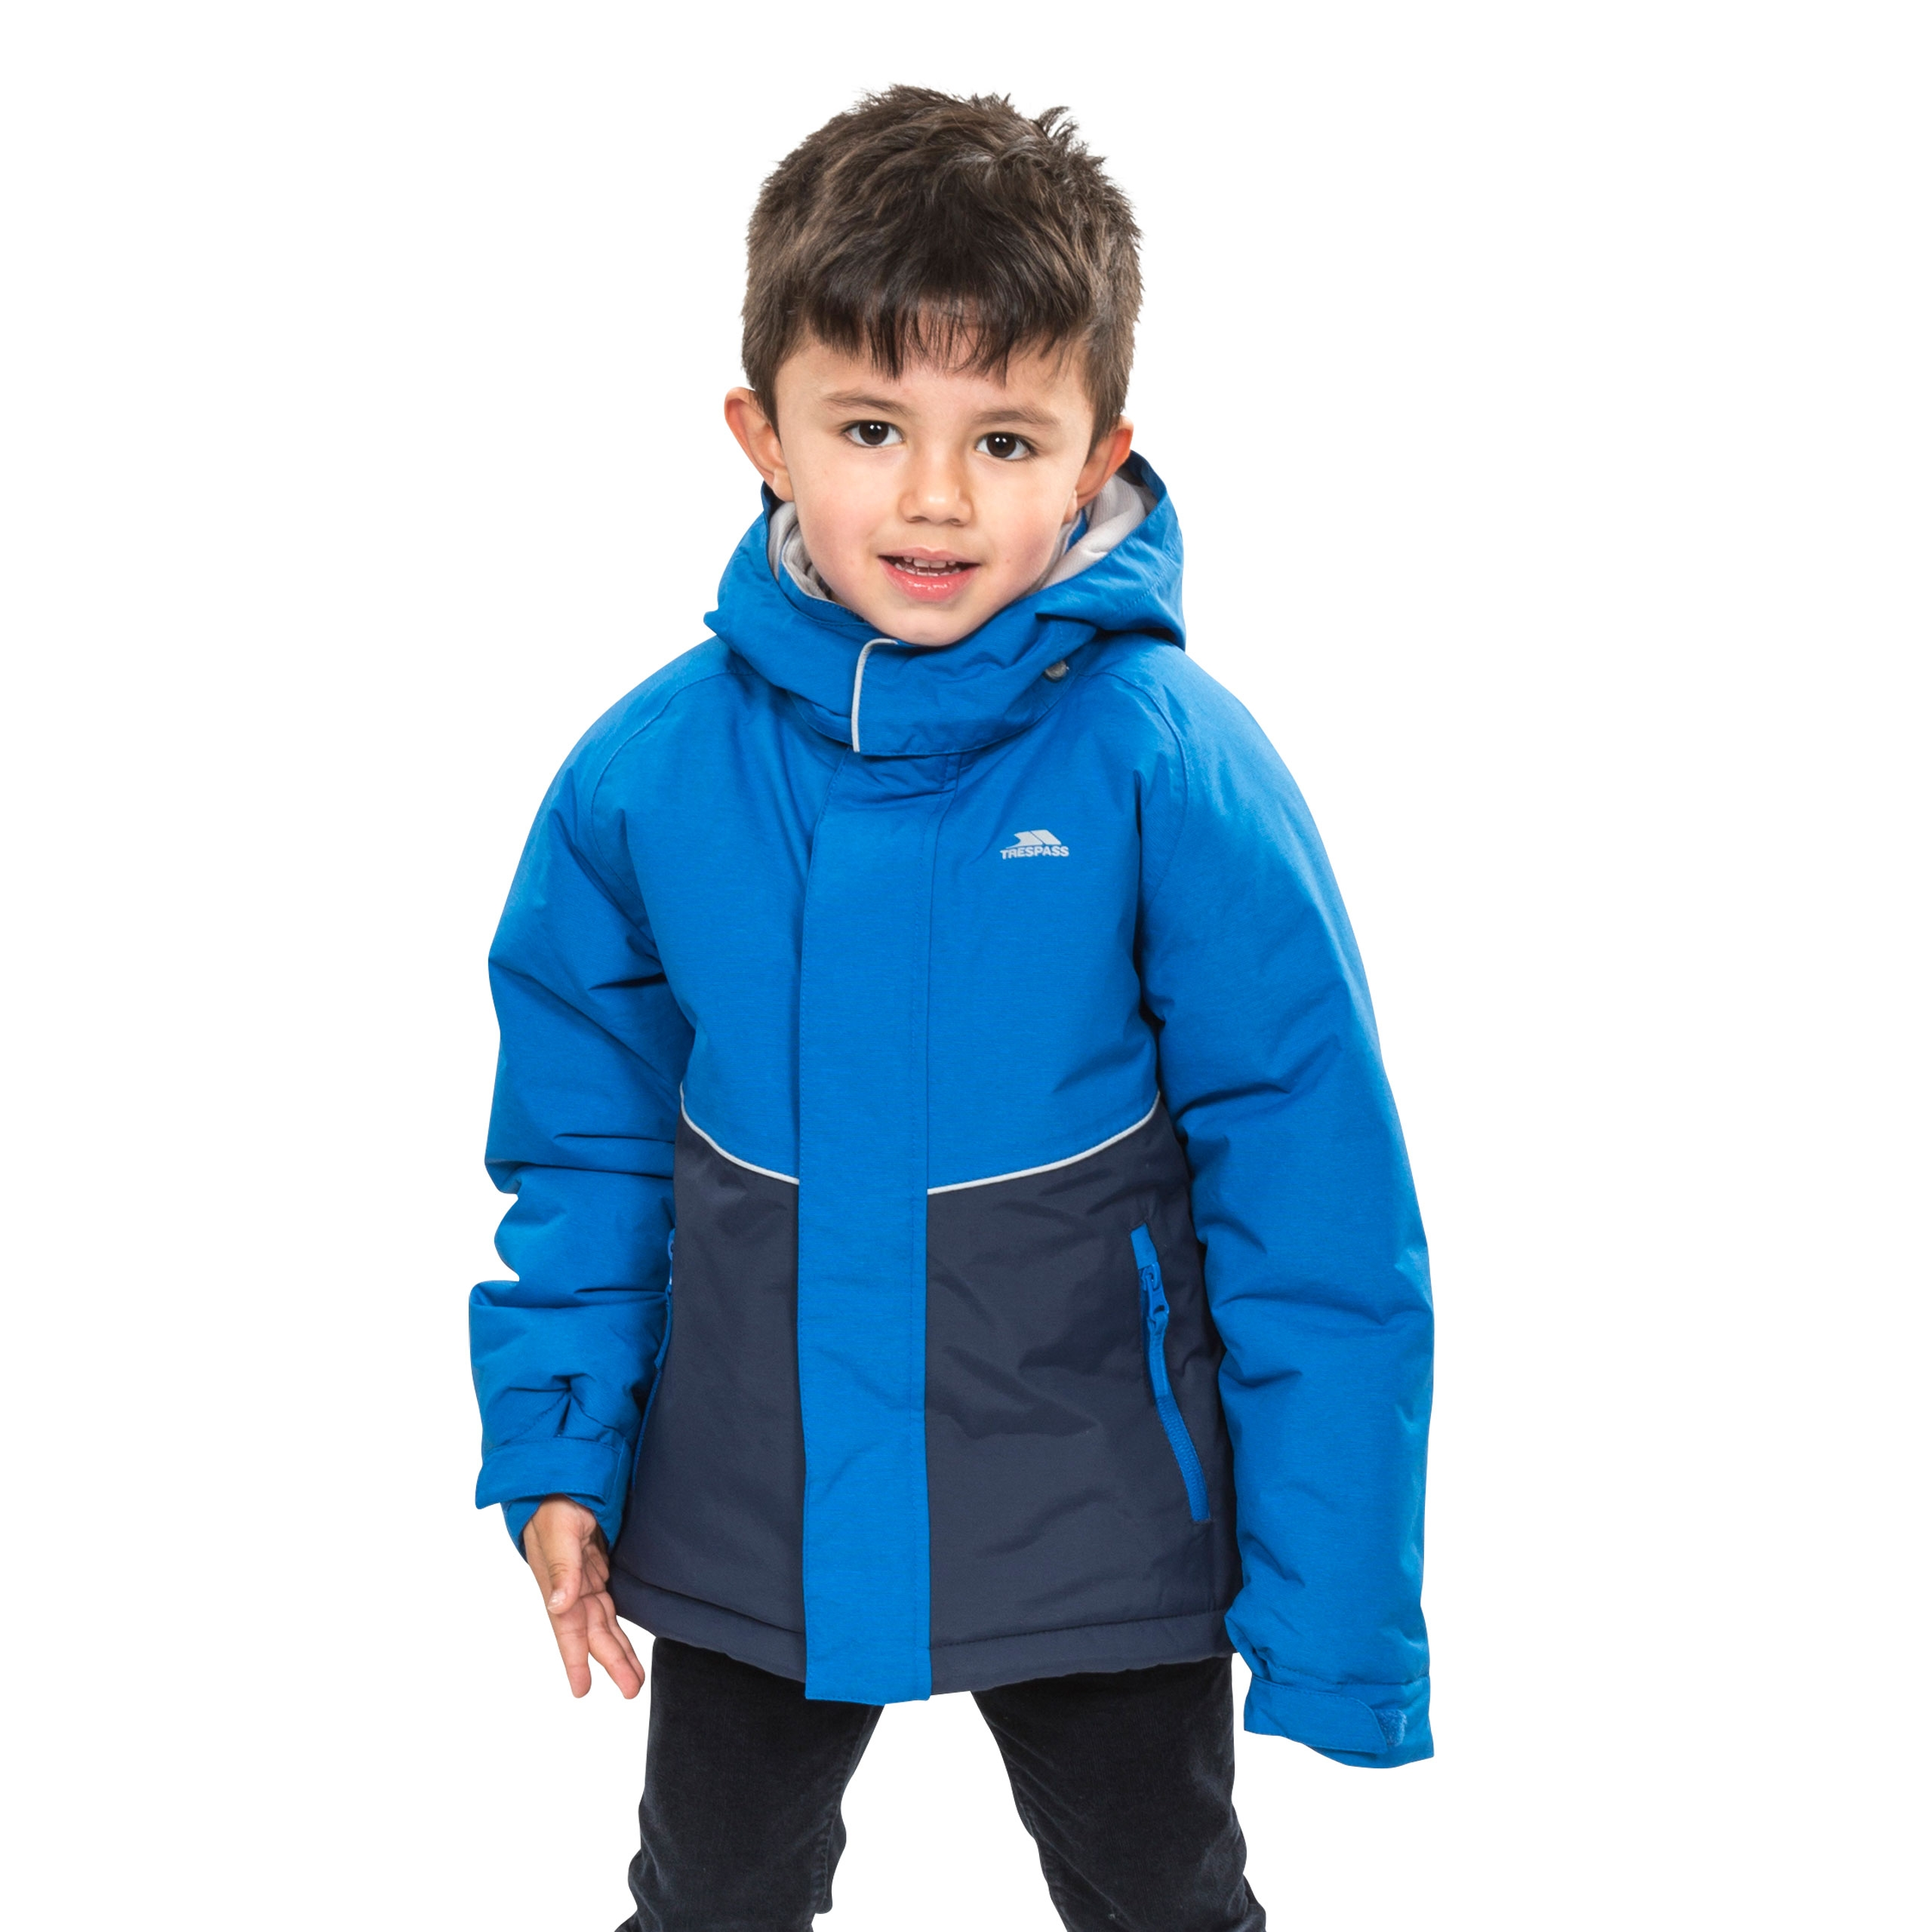 6efa33f57fd1 Morrison Kids Waterproof Jacket | Trespass UK